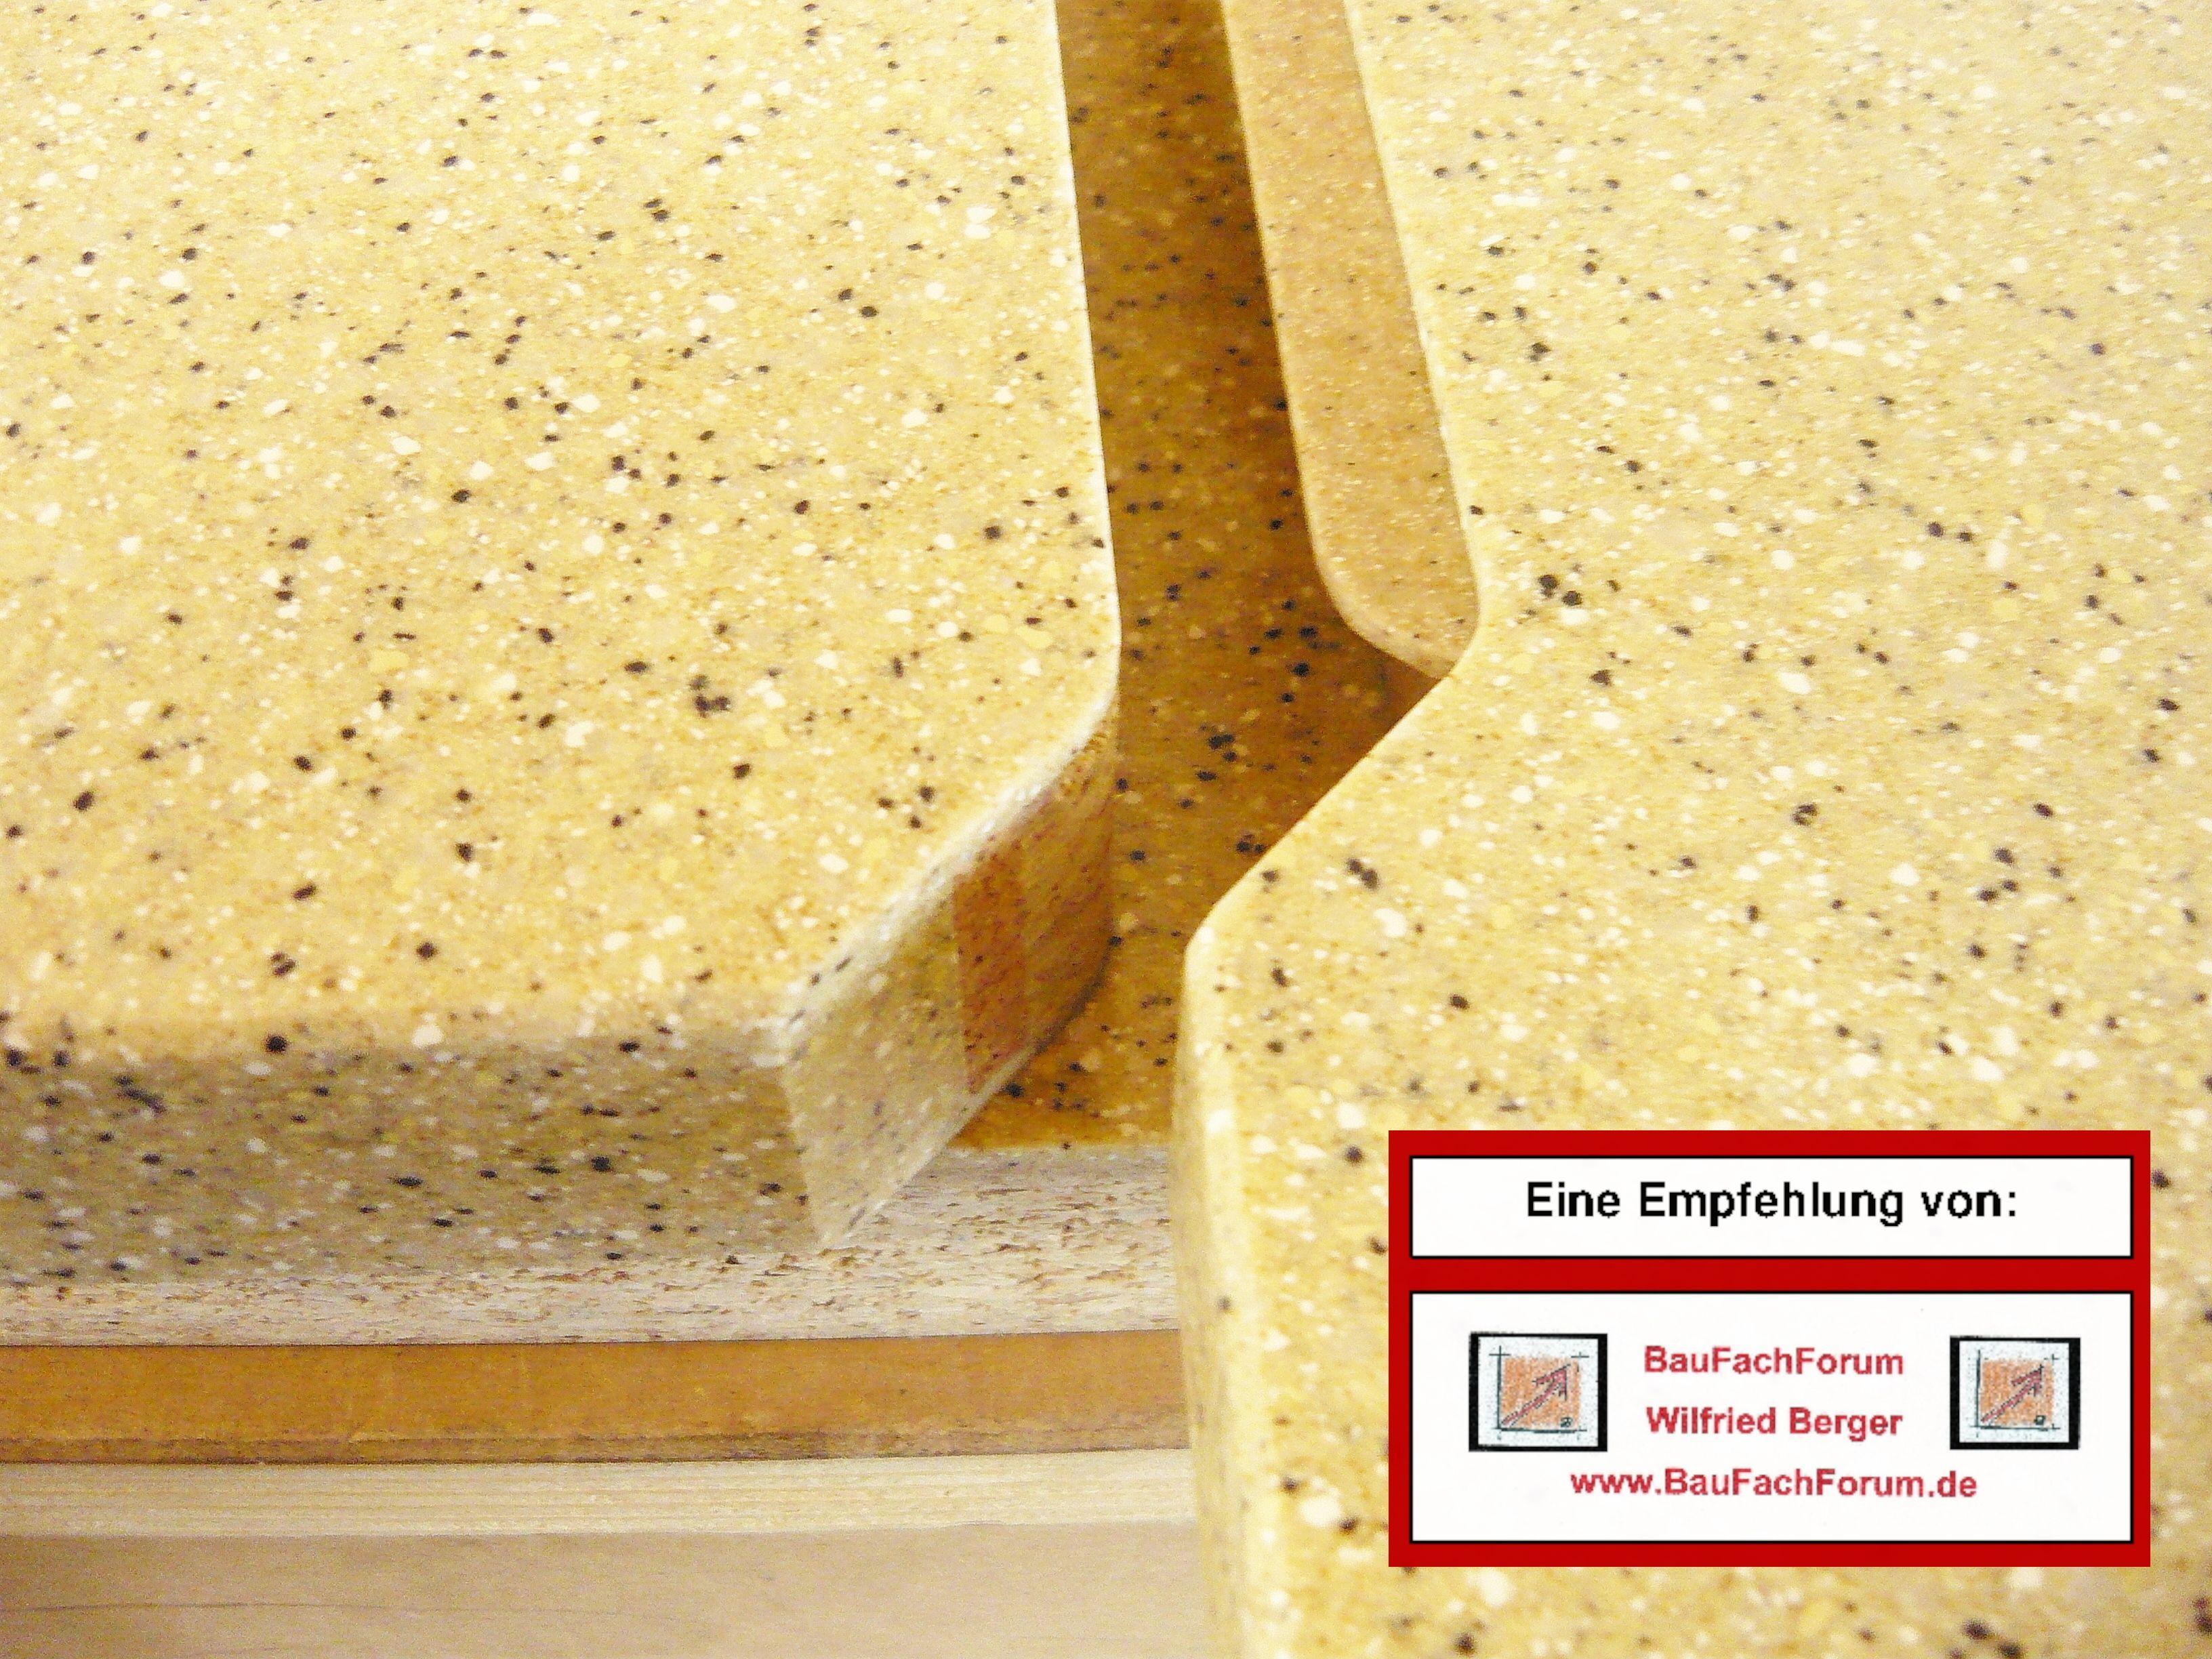 Baufachforum Schaden Sachverstandiger Wilfried Berger Mogliche Schaden Mineralsteinplatten Mineralwerkstoffe Getali Fenster Einbauen Aufklarung Handwerker